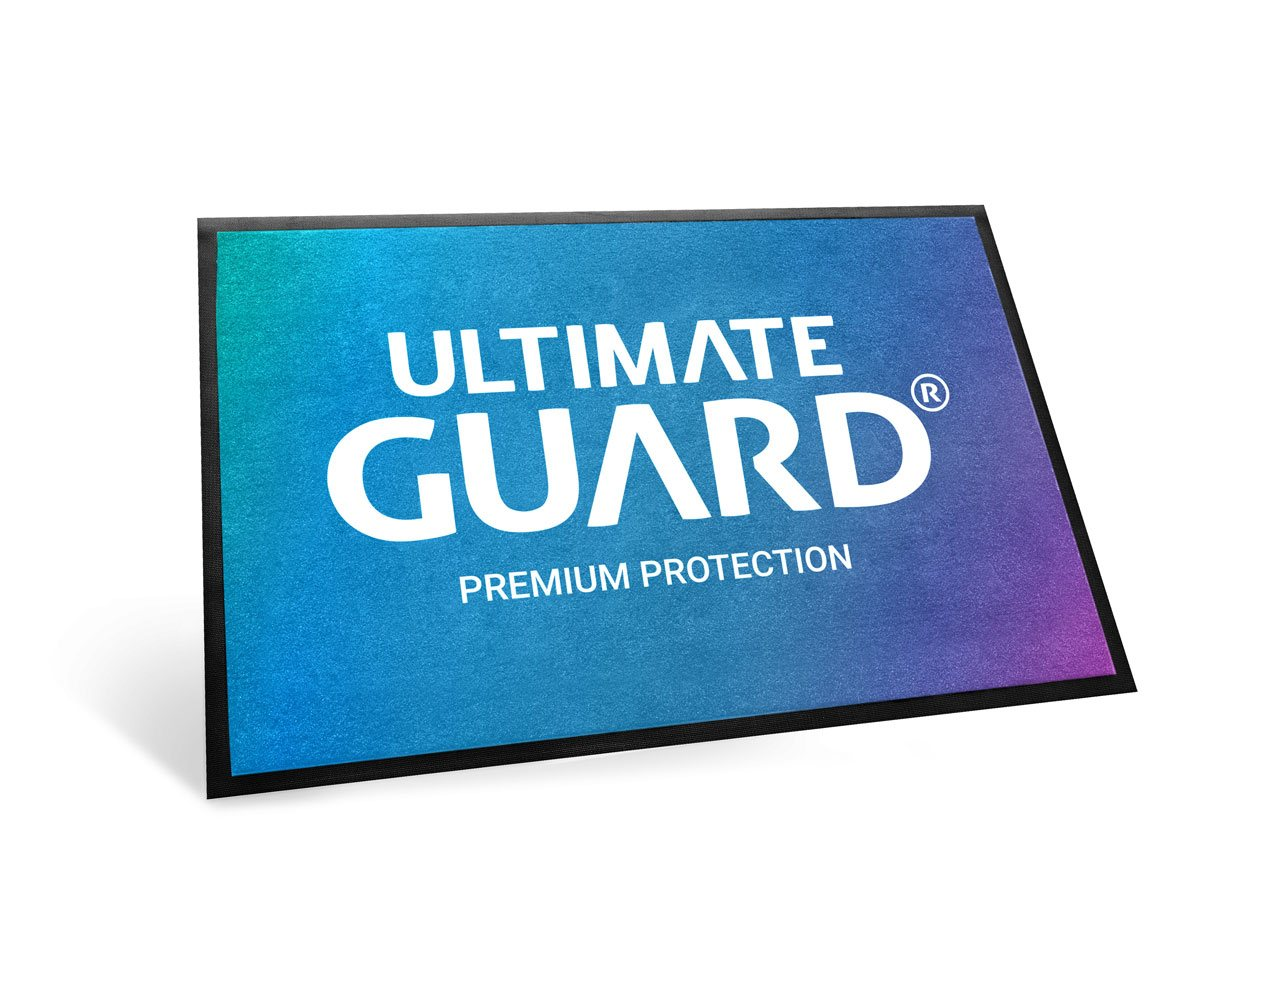 Ultimate Guard Store Carpet 60 x 90 cm Blue Gradient